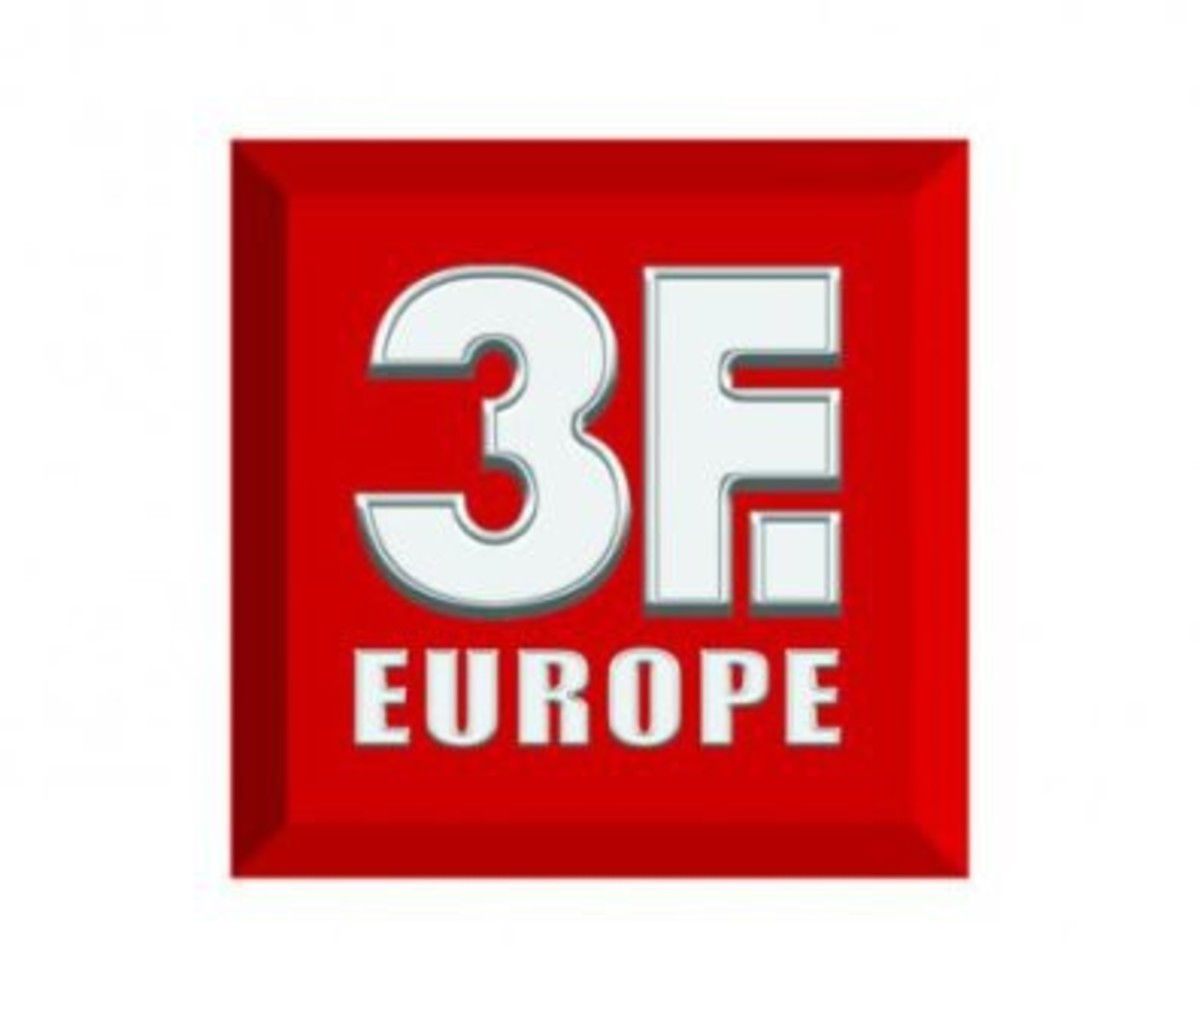 Bild 2 von 3F Nagelzange mit Pufferfeder, 14 cm aus rostfreiem Stahl